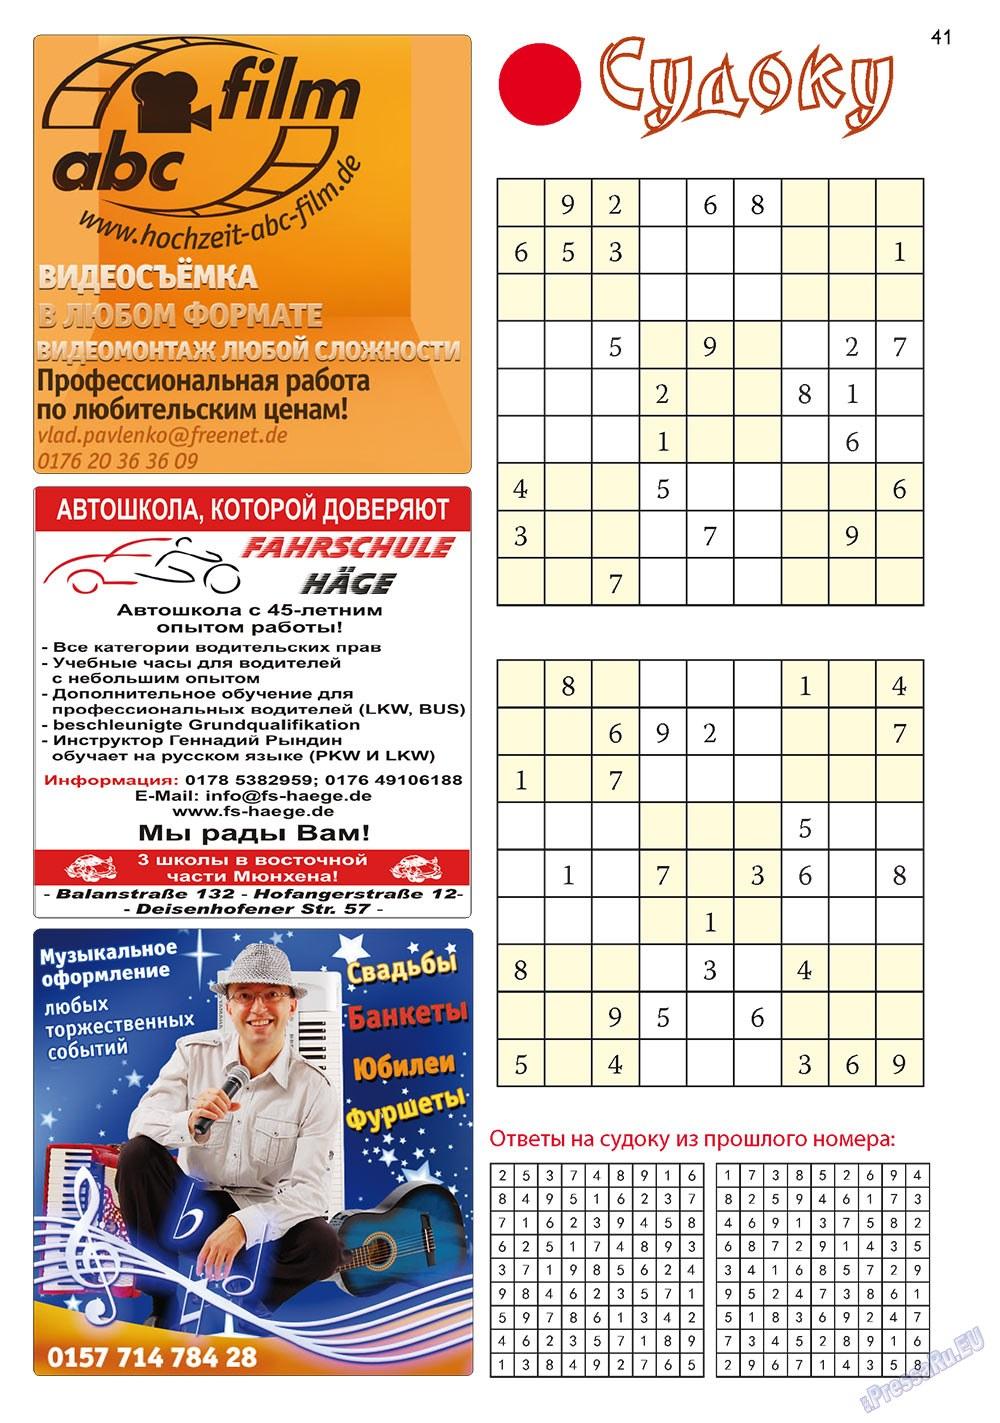 Апельсин (журнал). 2011 год, номер 21, стр. 41